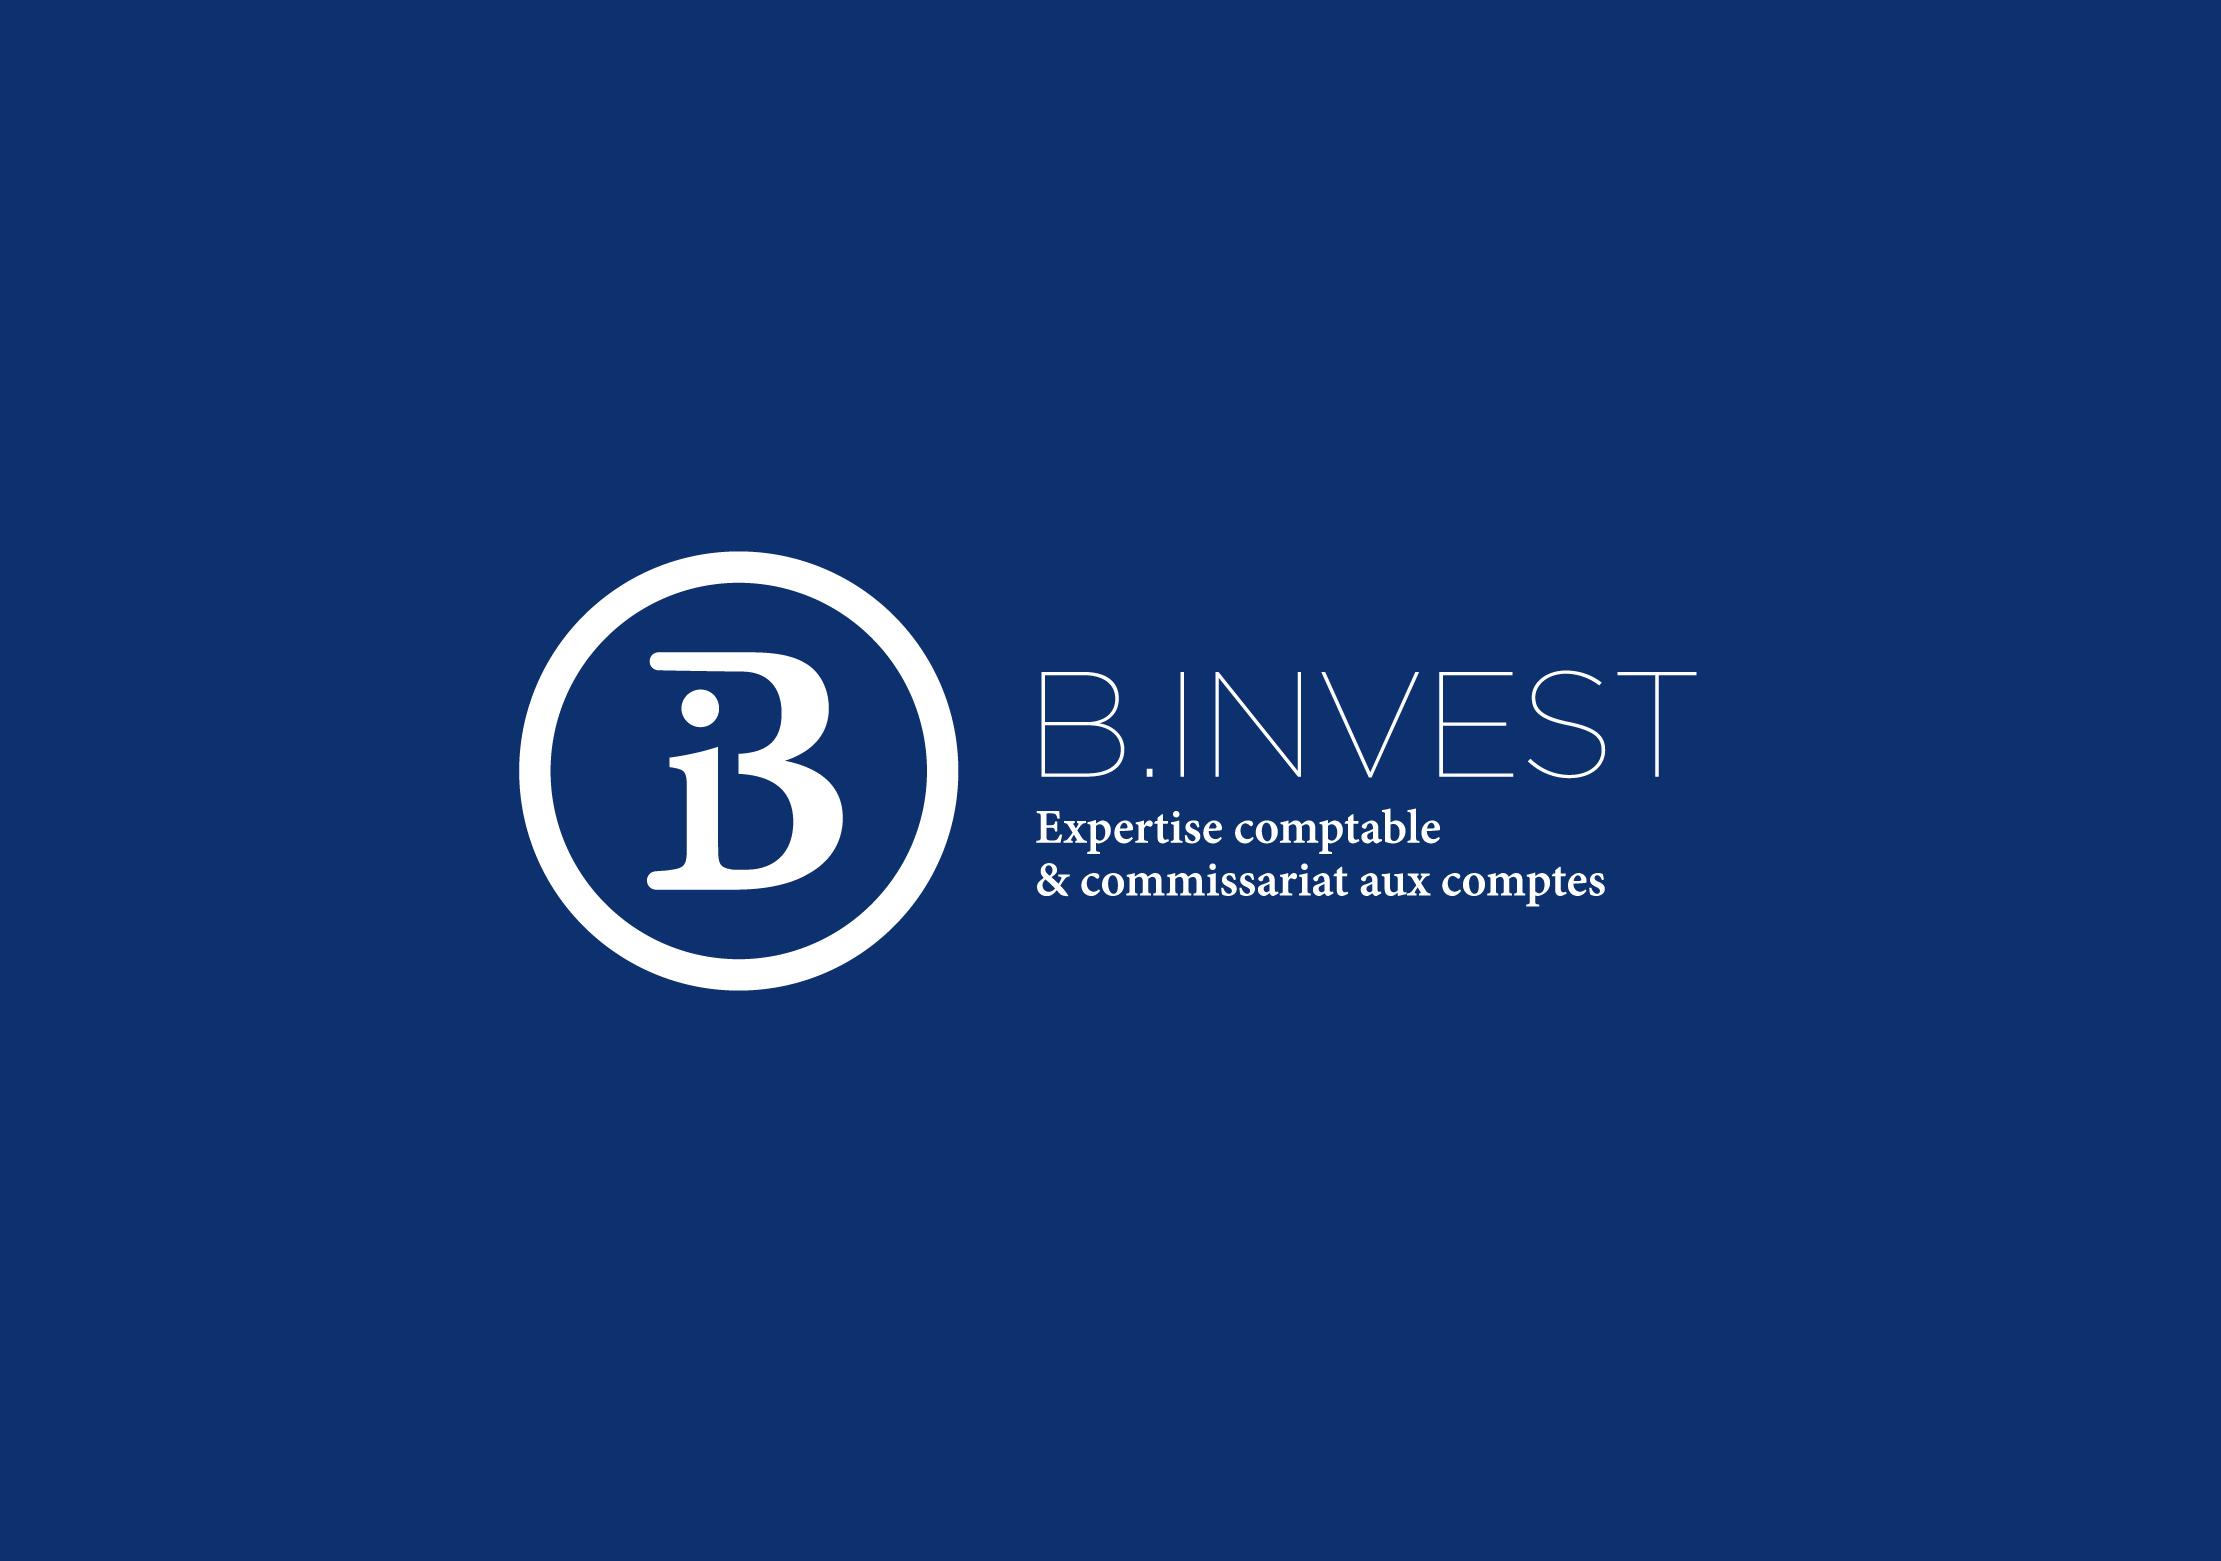 b invest